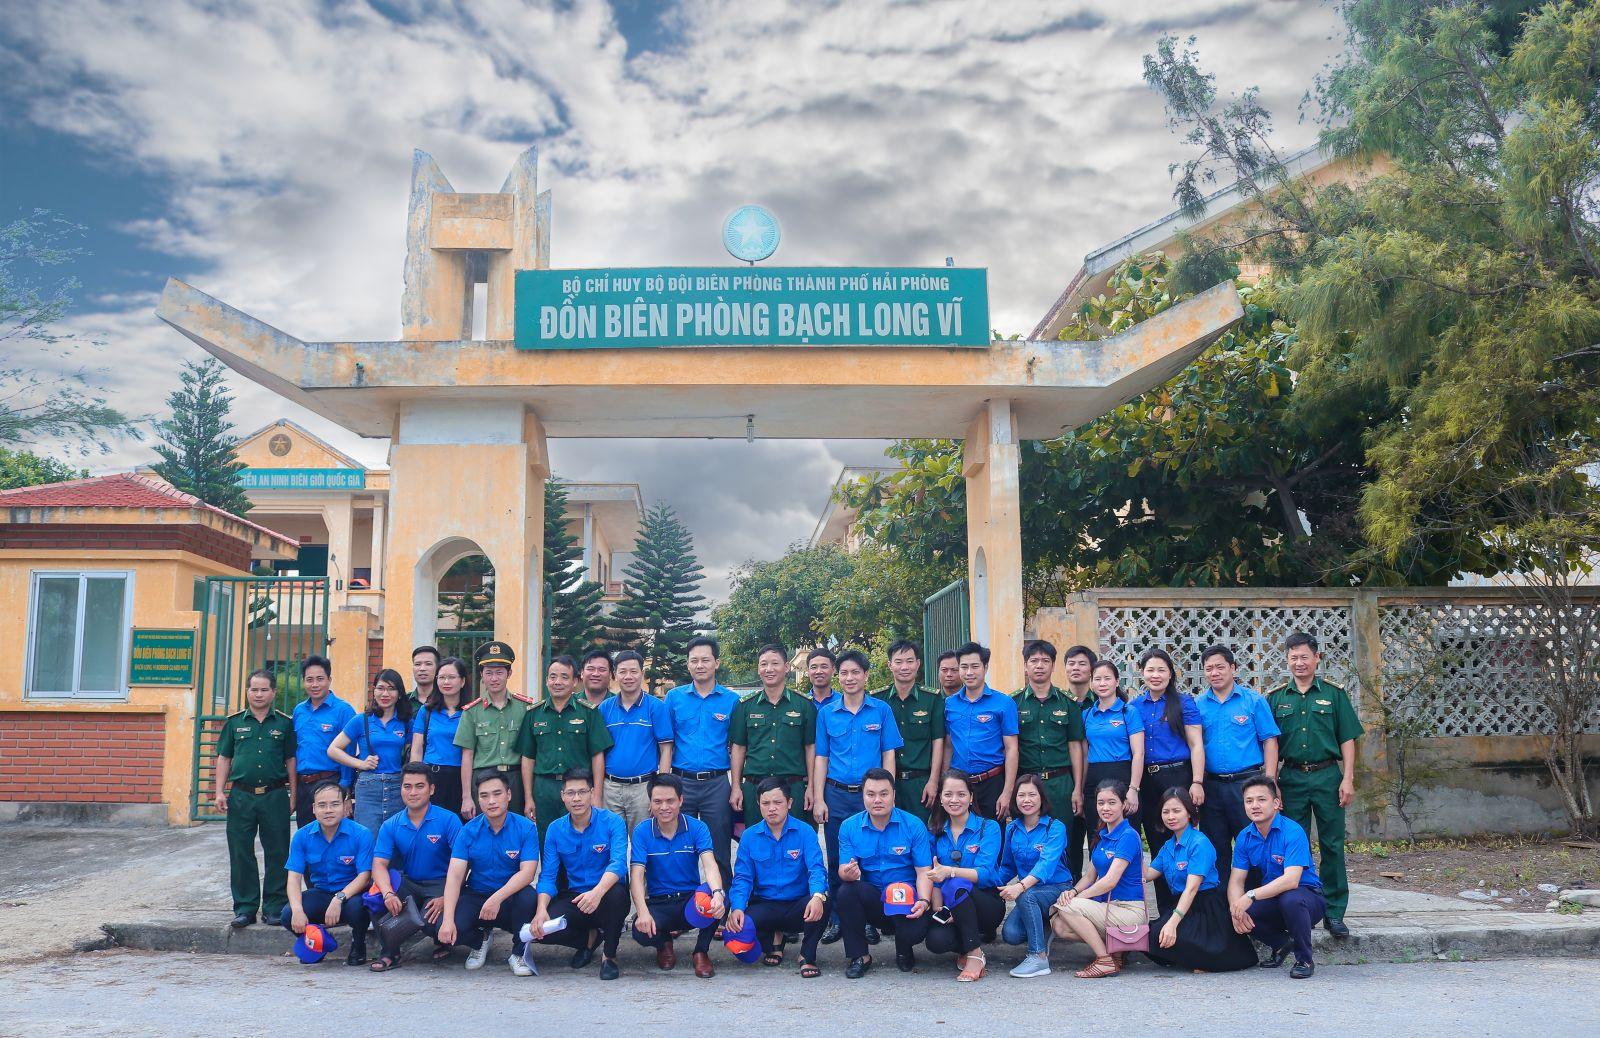 Tuổi trẻ Hưng Yên đẩy mạnh việc học tập và làm theo  tư tưởng, đạo đức, phong cách Hồ Chí Minh